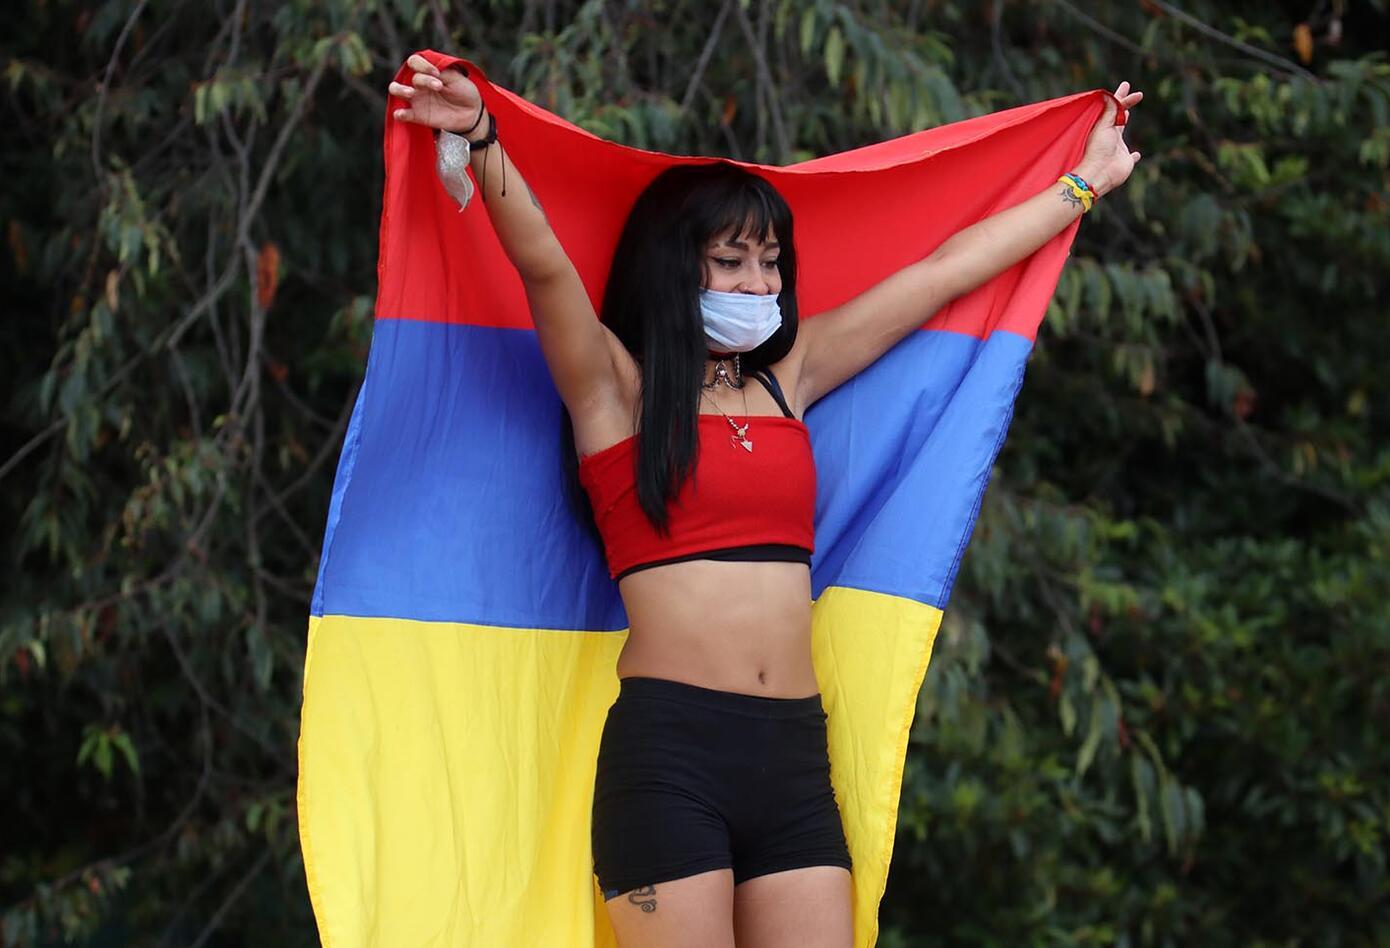 Más de 200 porristas protestan por falta de inversión al deporte en Bogotá